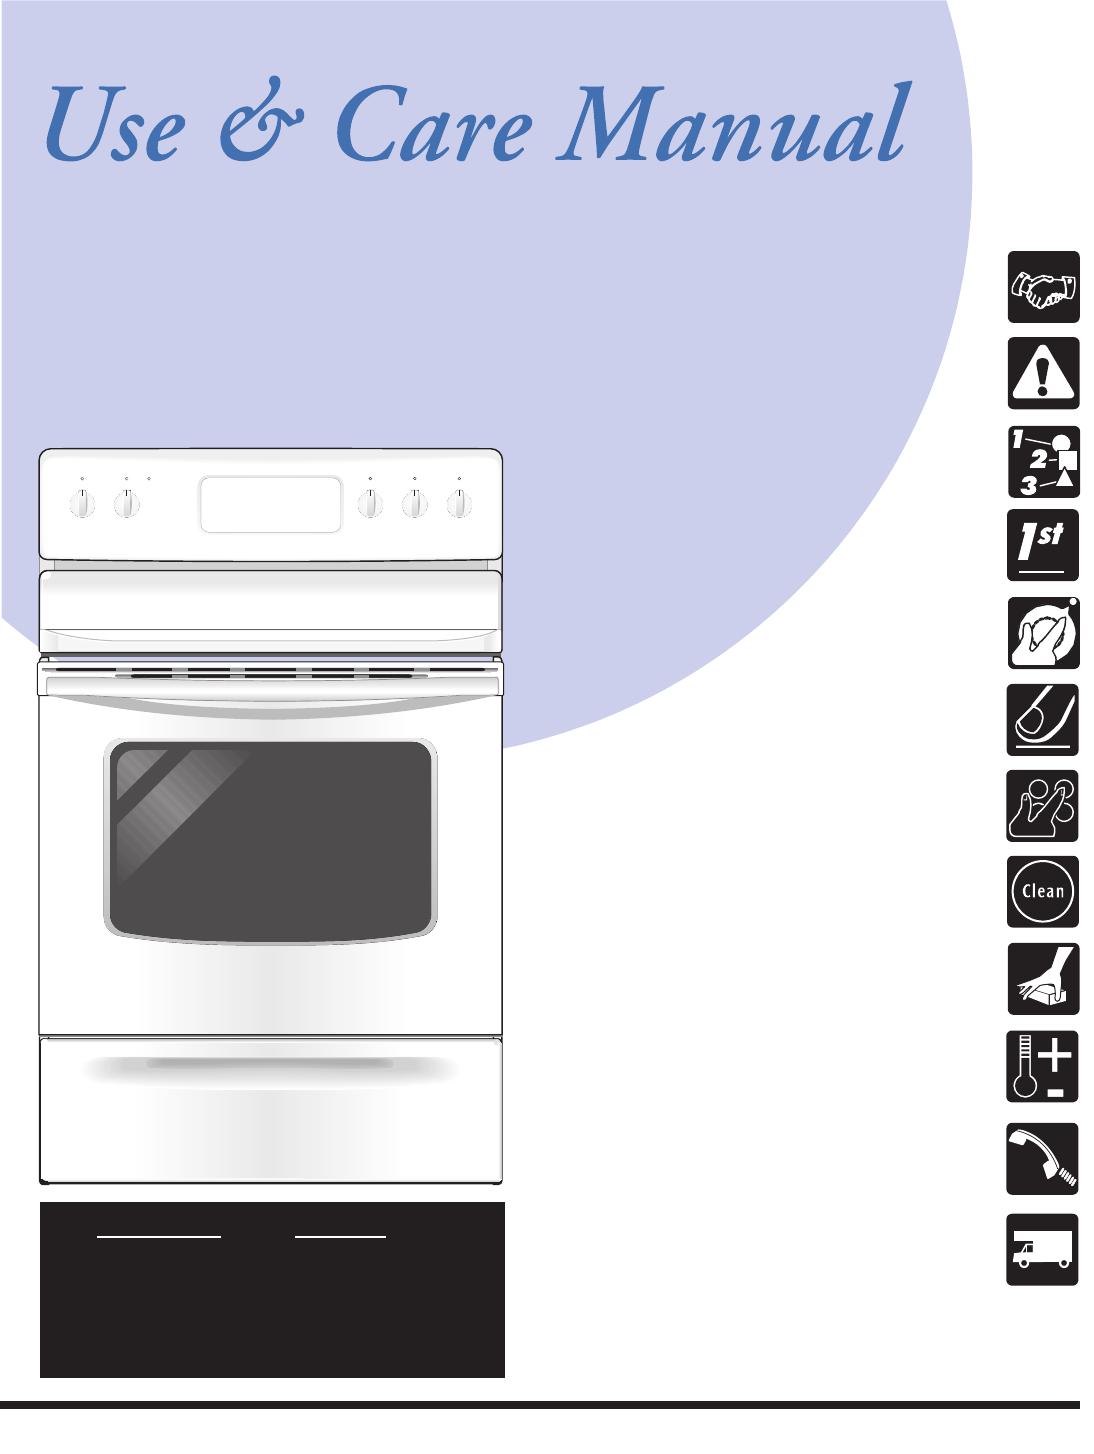 frigidaire range 316417029 user guide manualsonline com rh kitchen manualsonline com Frigidaire Oven Control Board Frigidaire Oven Control Board